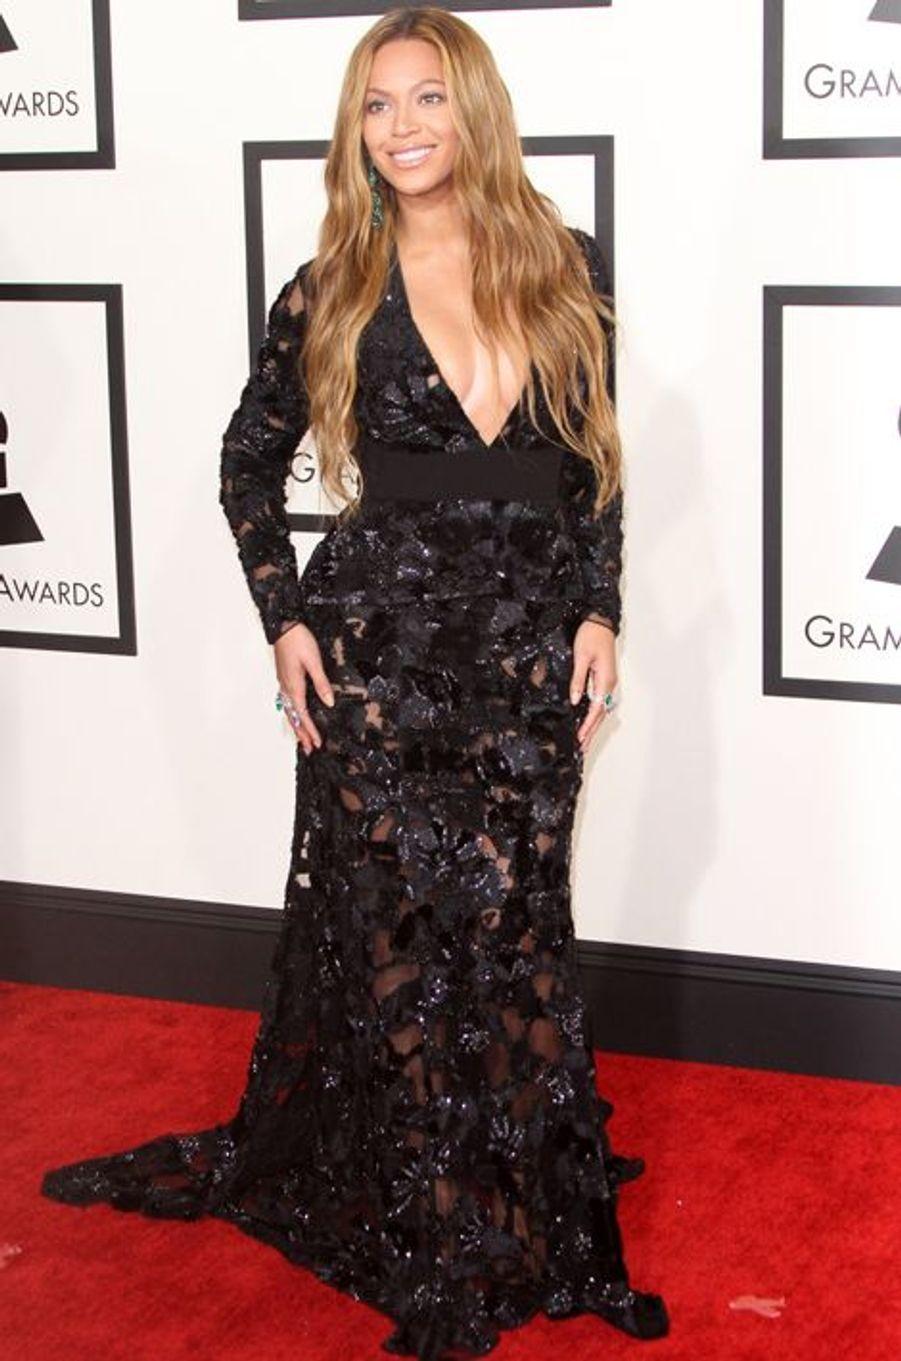 Beyoncé sur le red carpet de la 57e cérémonie des Grammy Awards, le 8 février 2015.